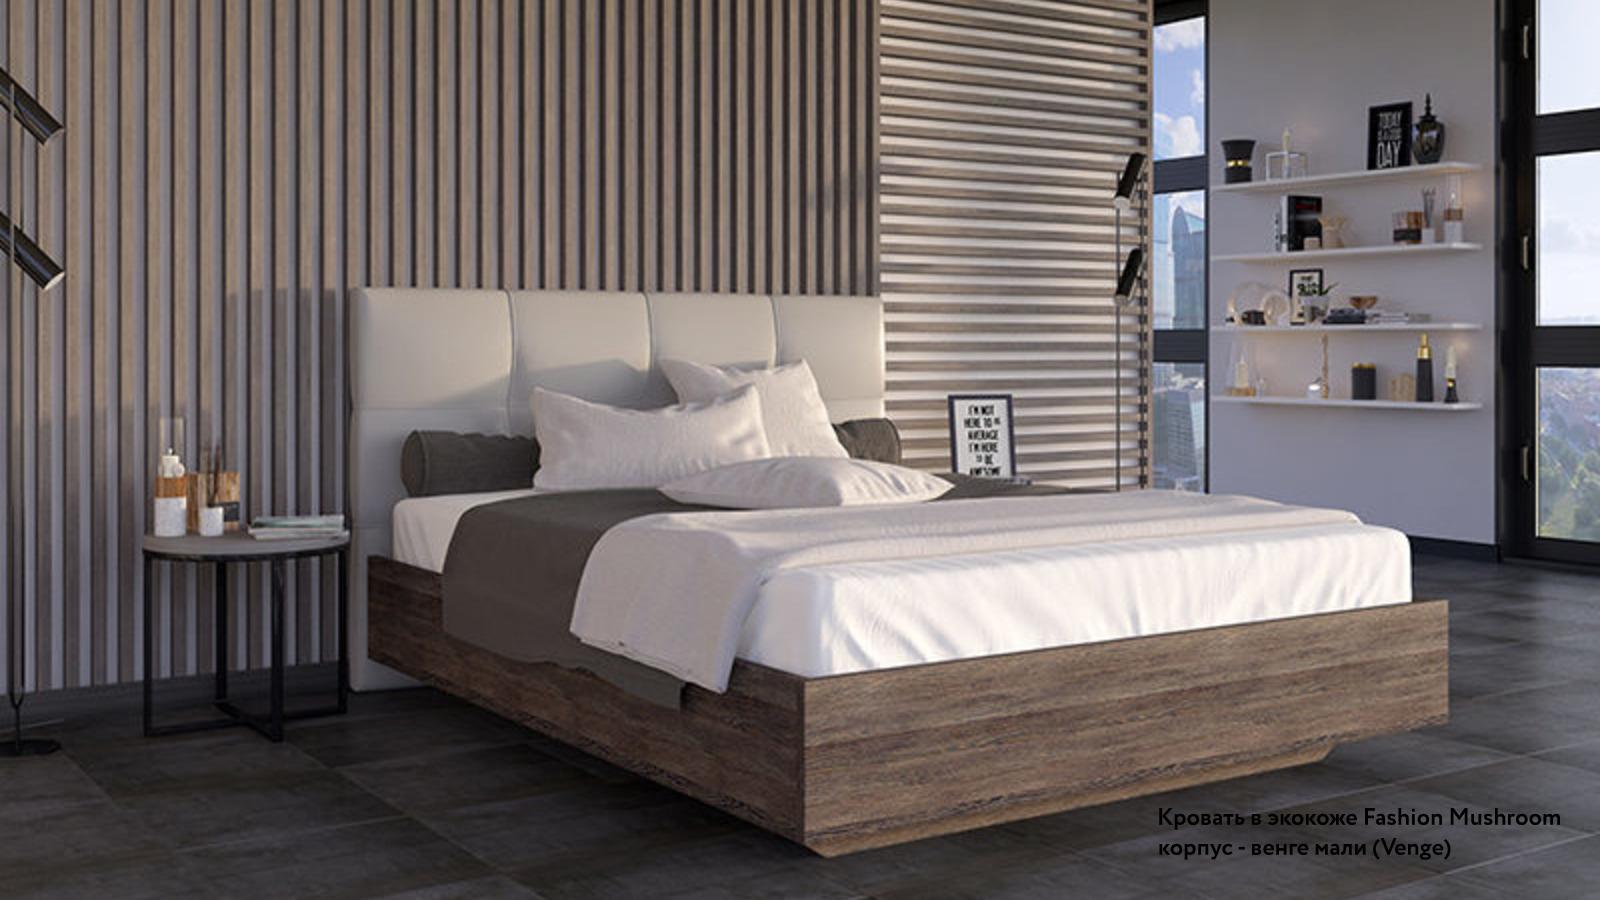 Фото - Кровать с подъемным механизмом Askona CRISTY Venge кровать с подъемным механизмом askona milana